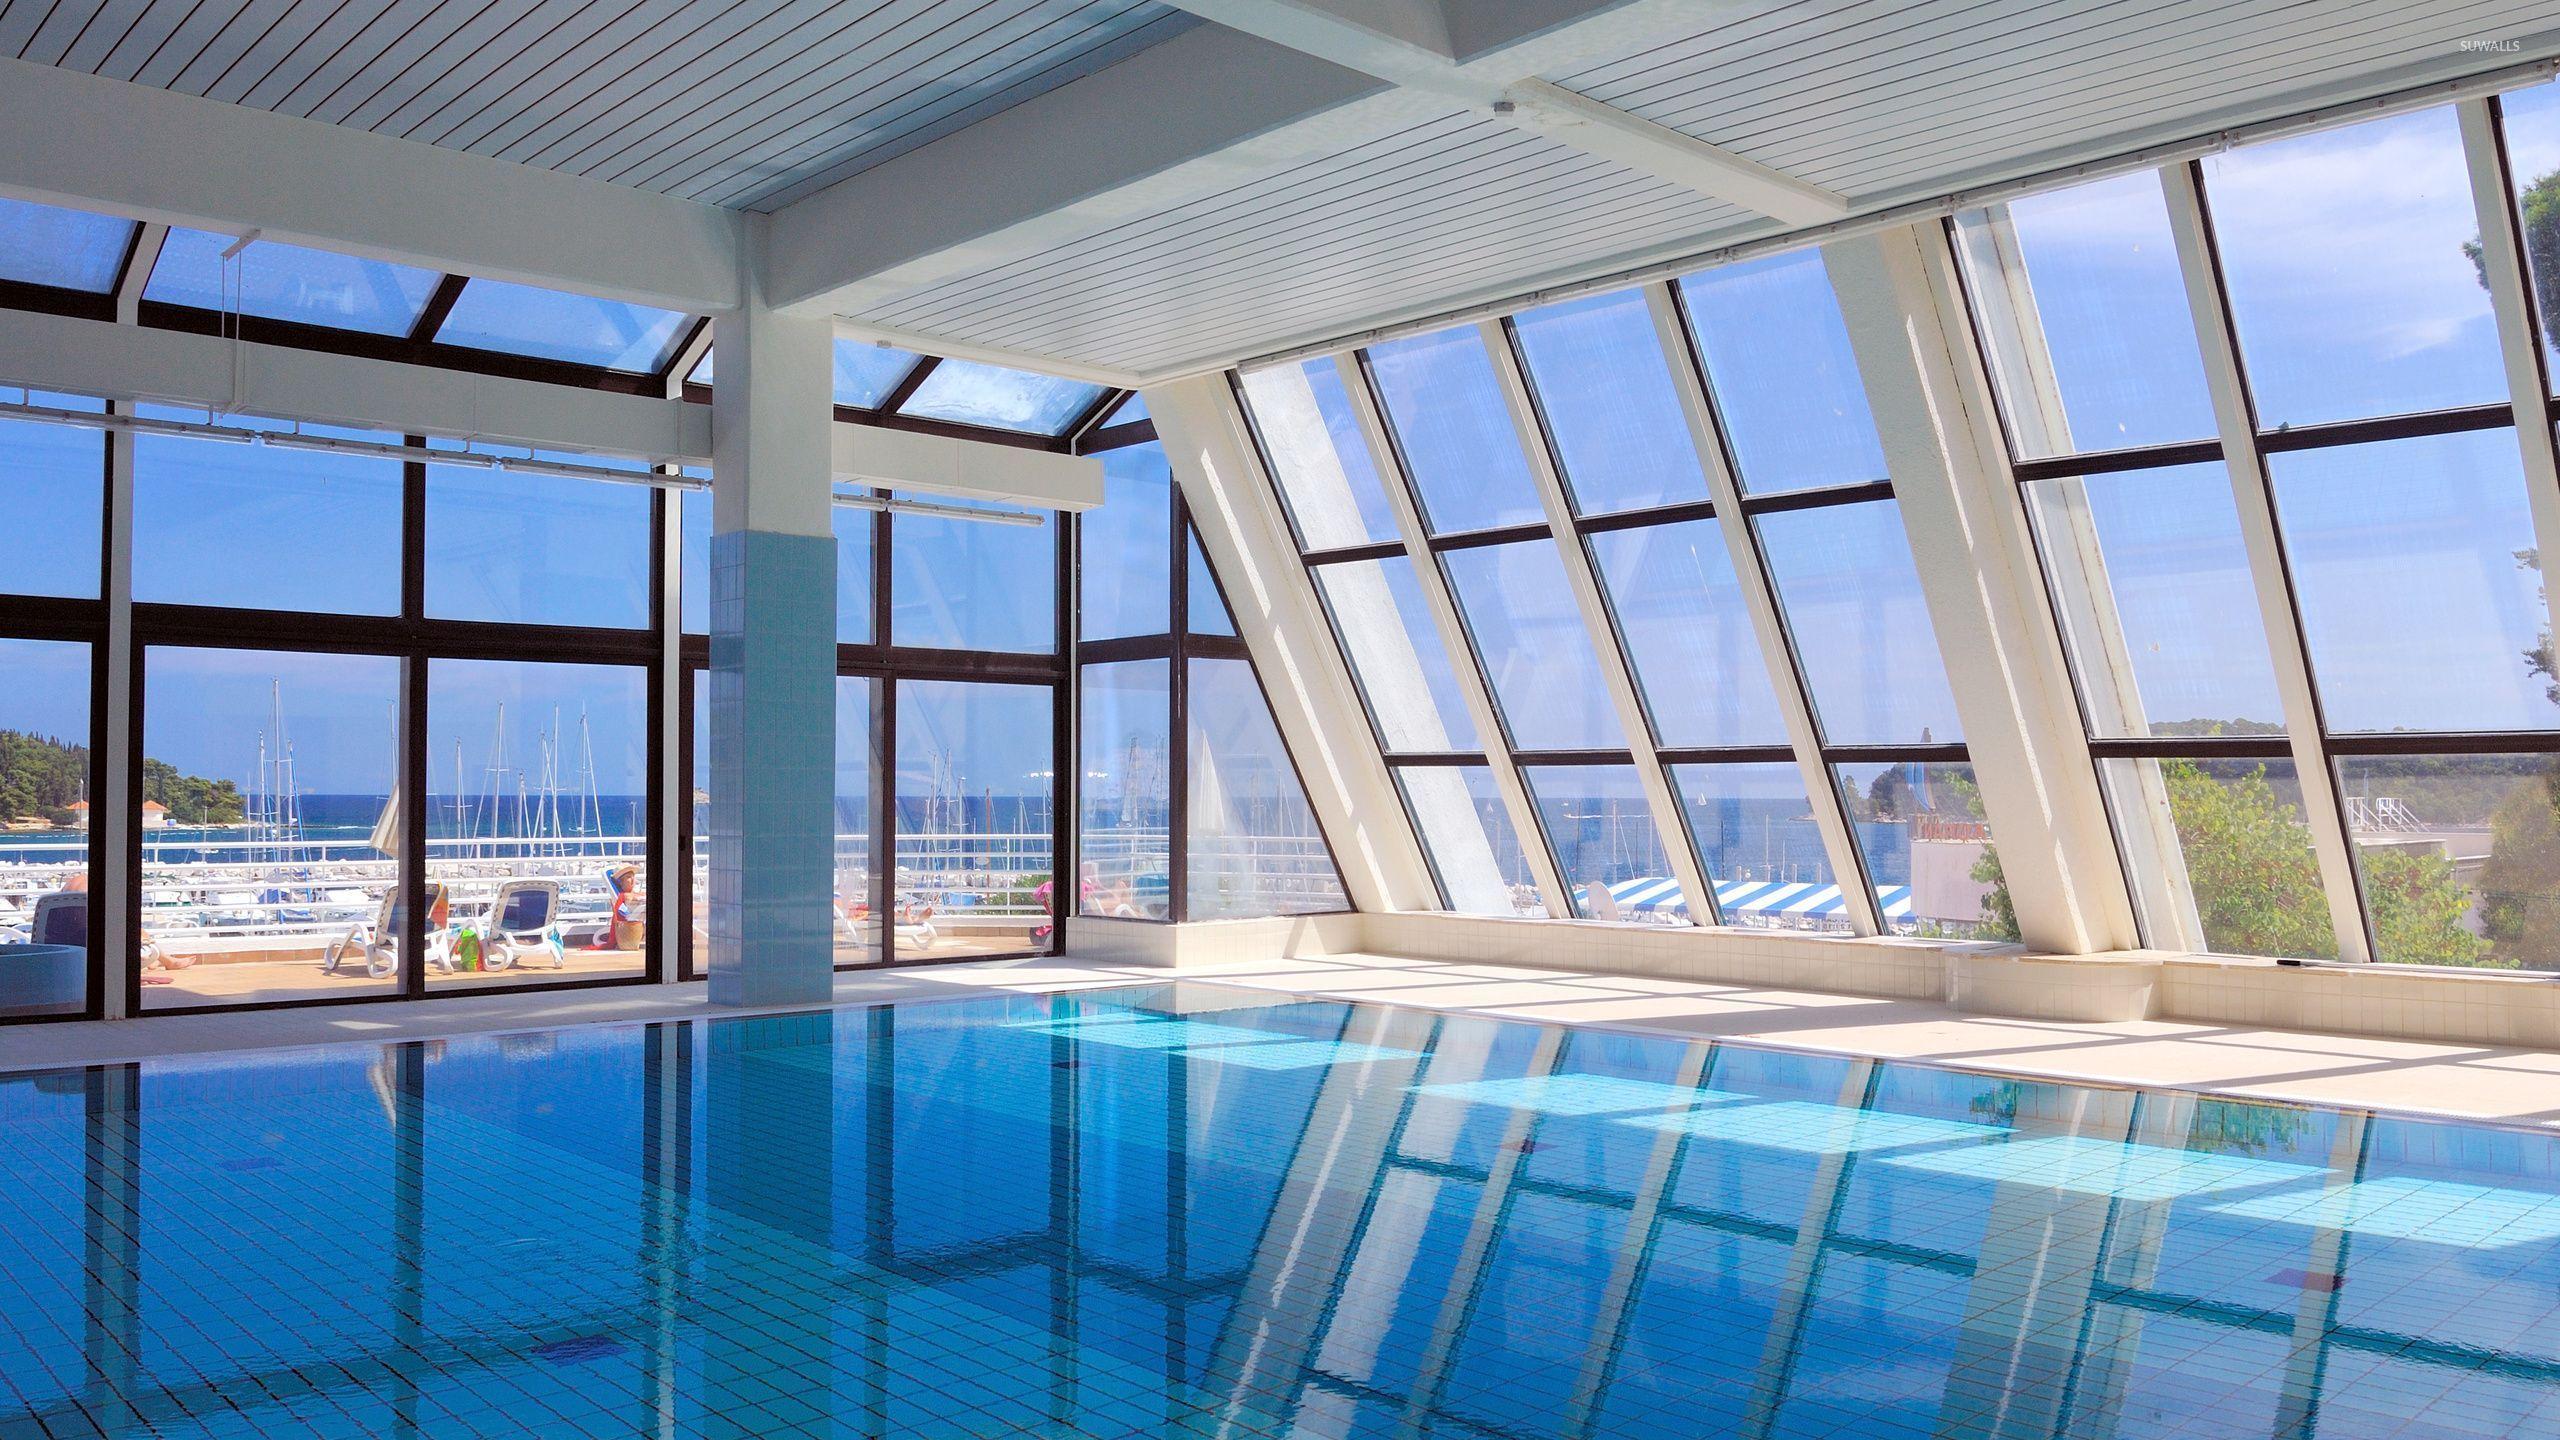 Indoor school swimming pool